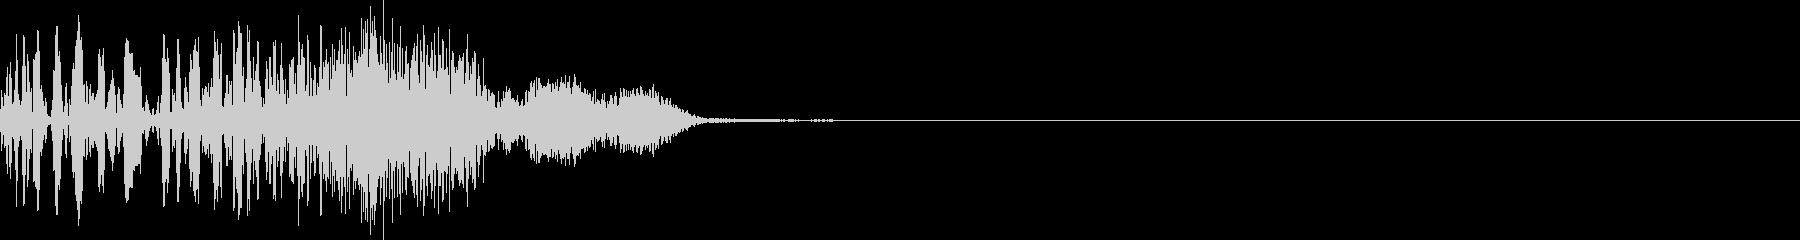 表示発生、保留変化時の音の未再生の波形